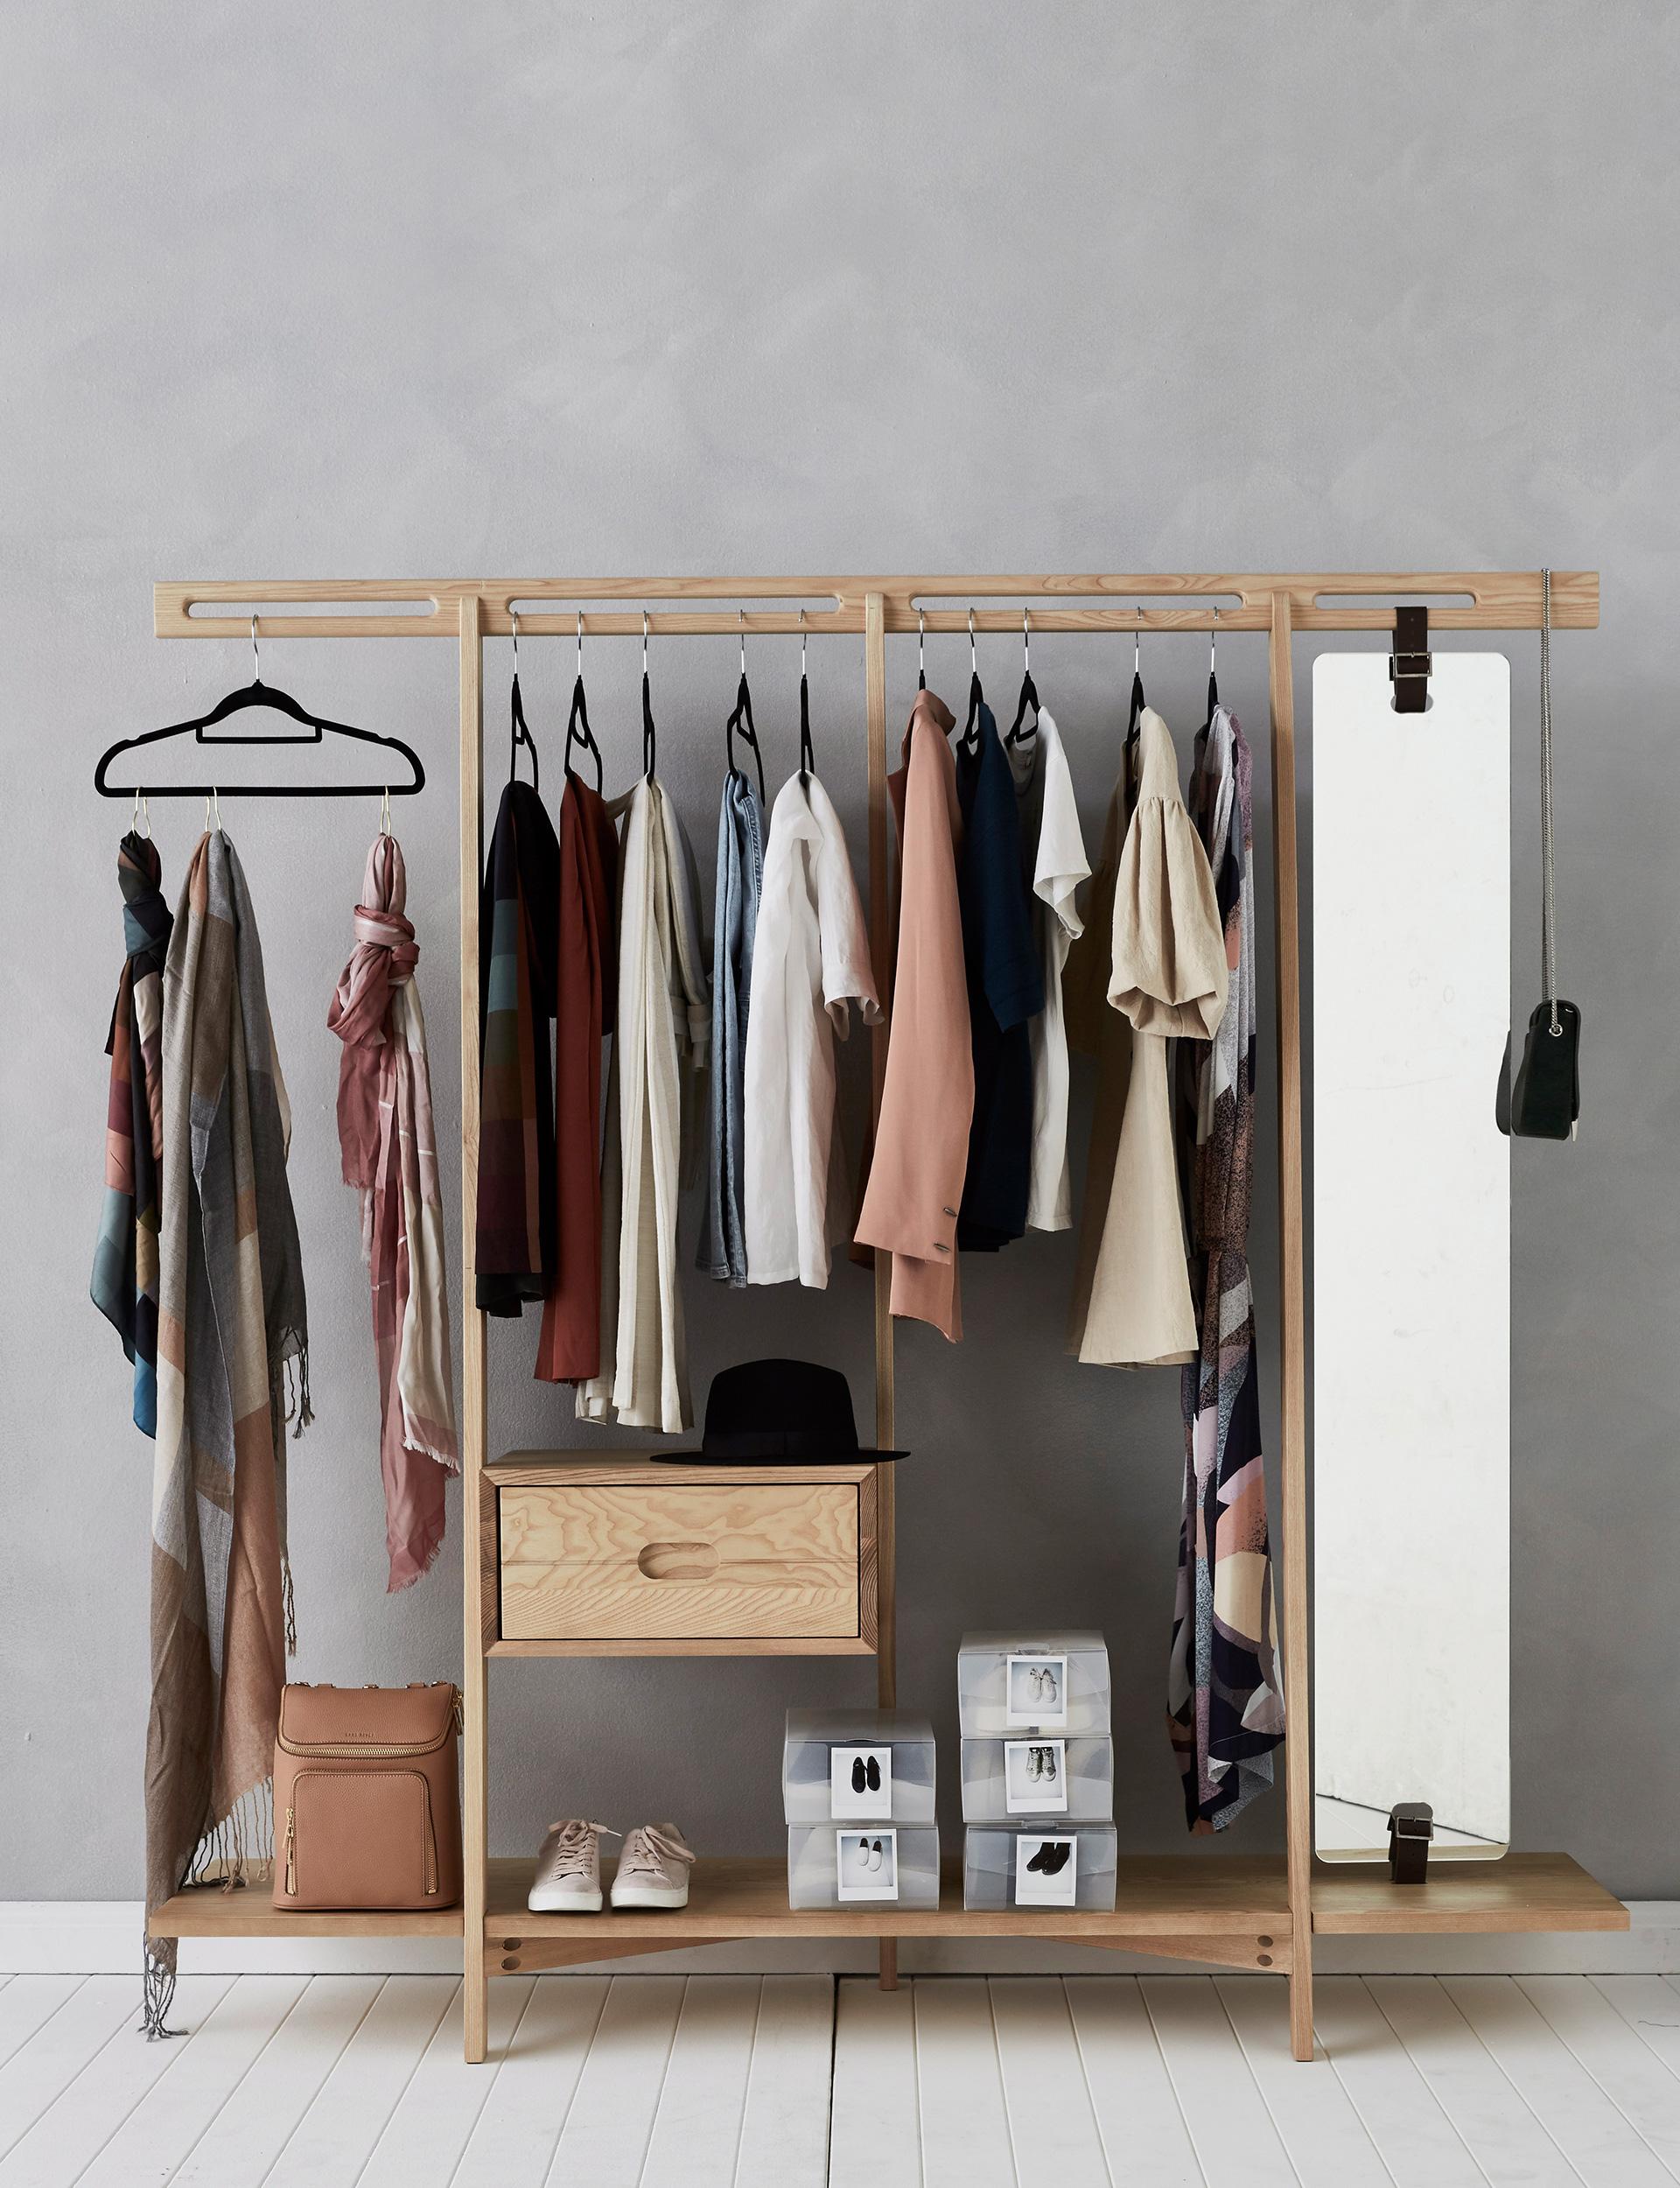 гардеробная в маленькой квартире фото 16